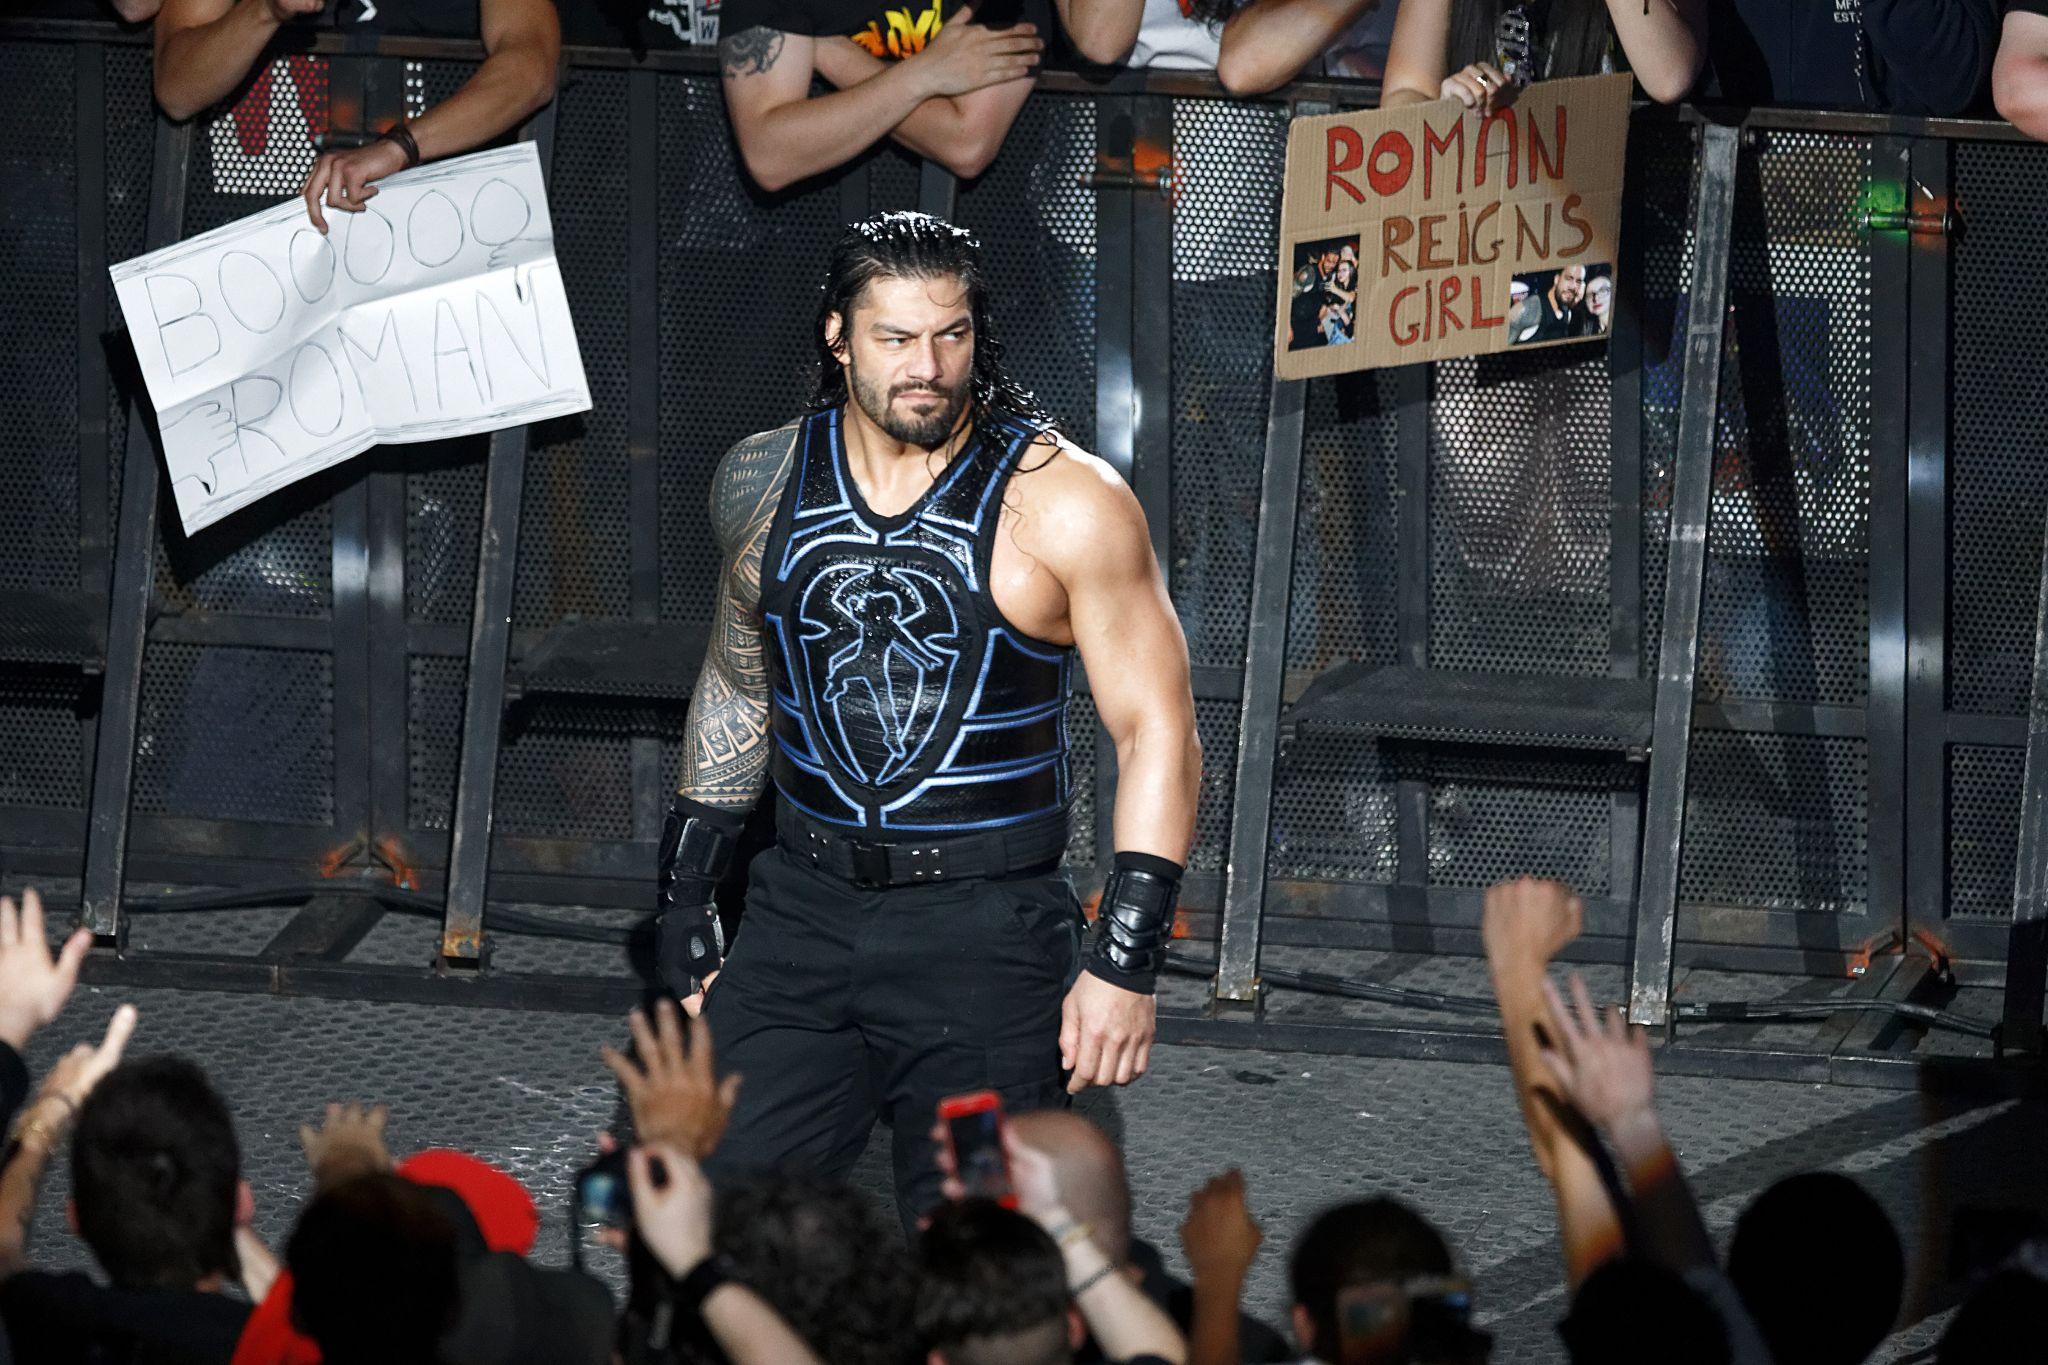 WWE Friday Night SmackDown llega a San Antonio con el campeón Universal Roman Reigns